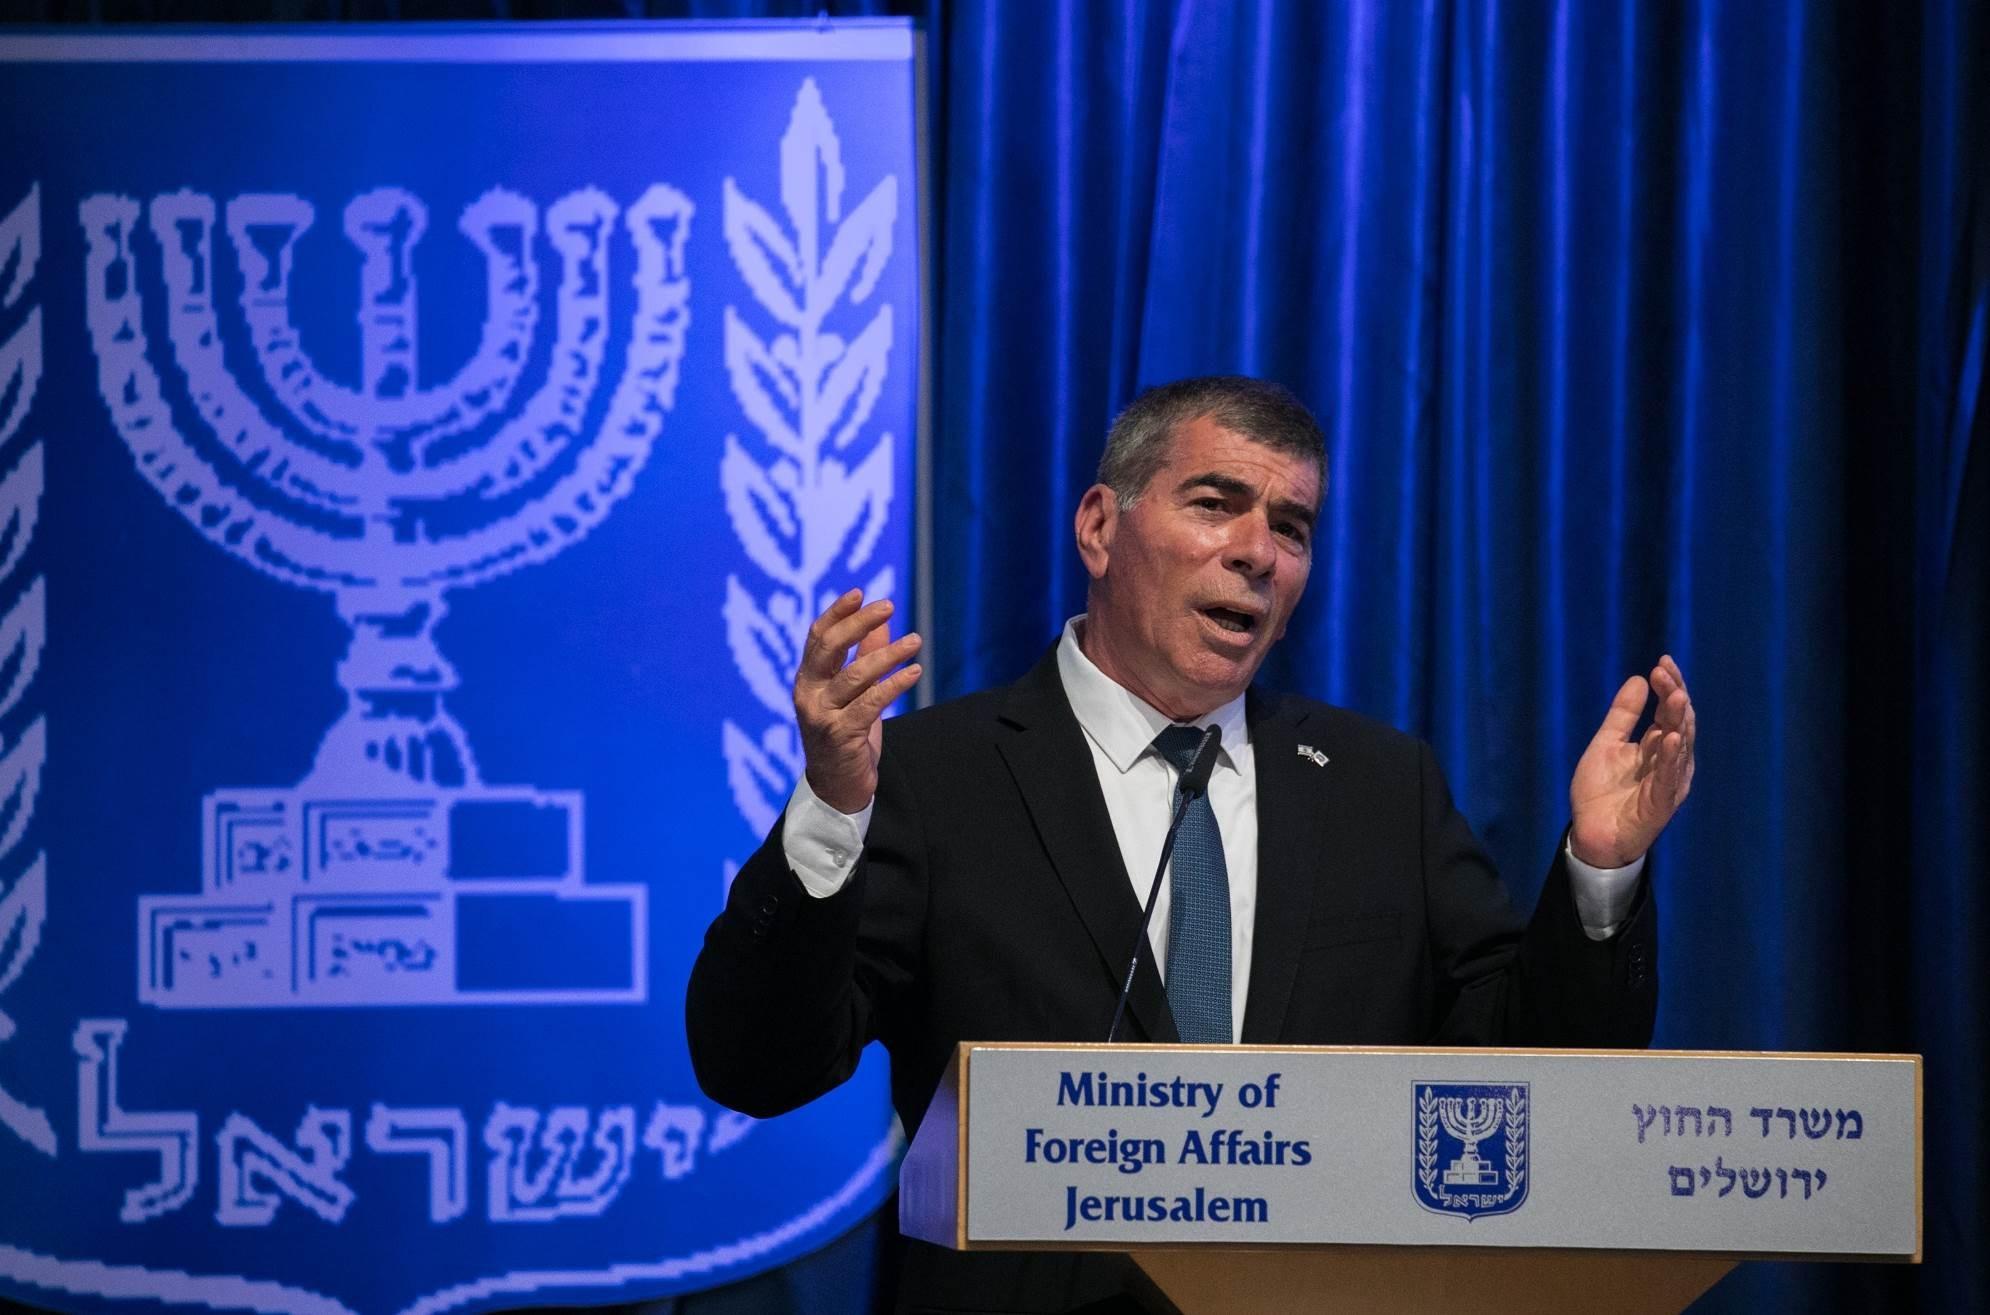 وزير الخارجية الإسرائيلي: تنفيذ خطة الضم اليوم غير مرجح